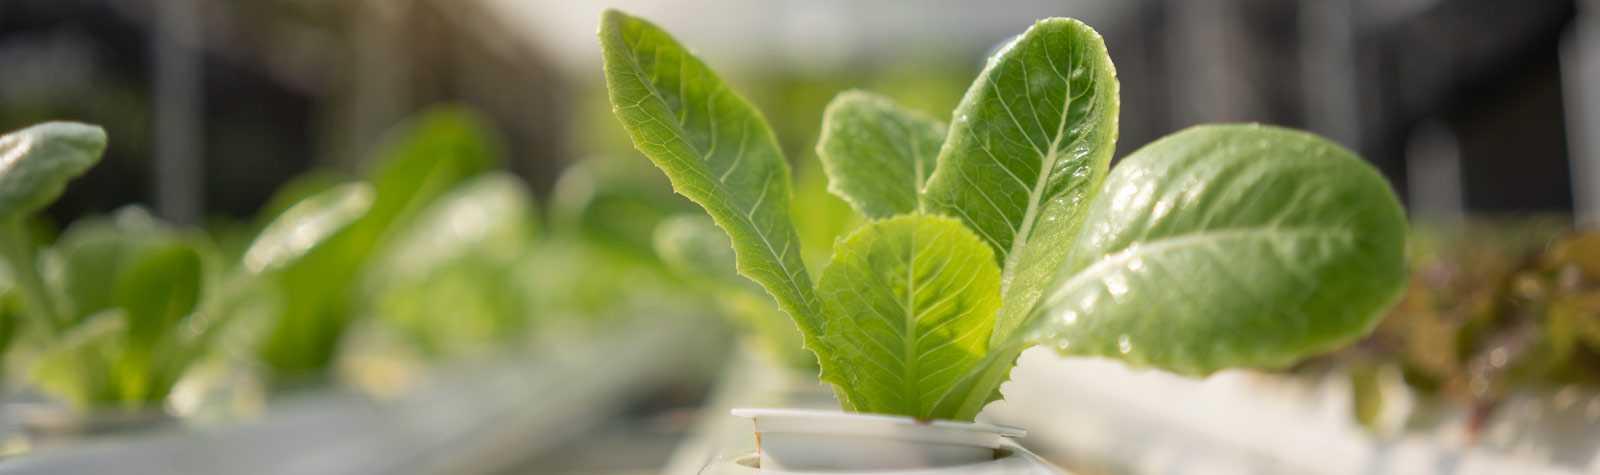 Cultivo hidropónico: agricultura sin suelo y con menos agua